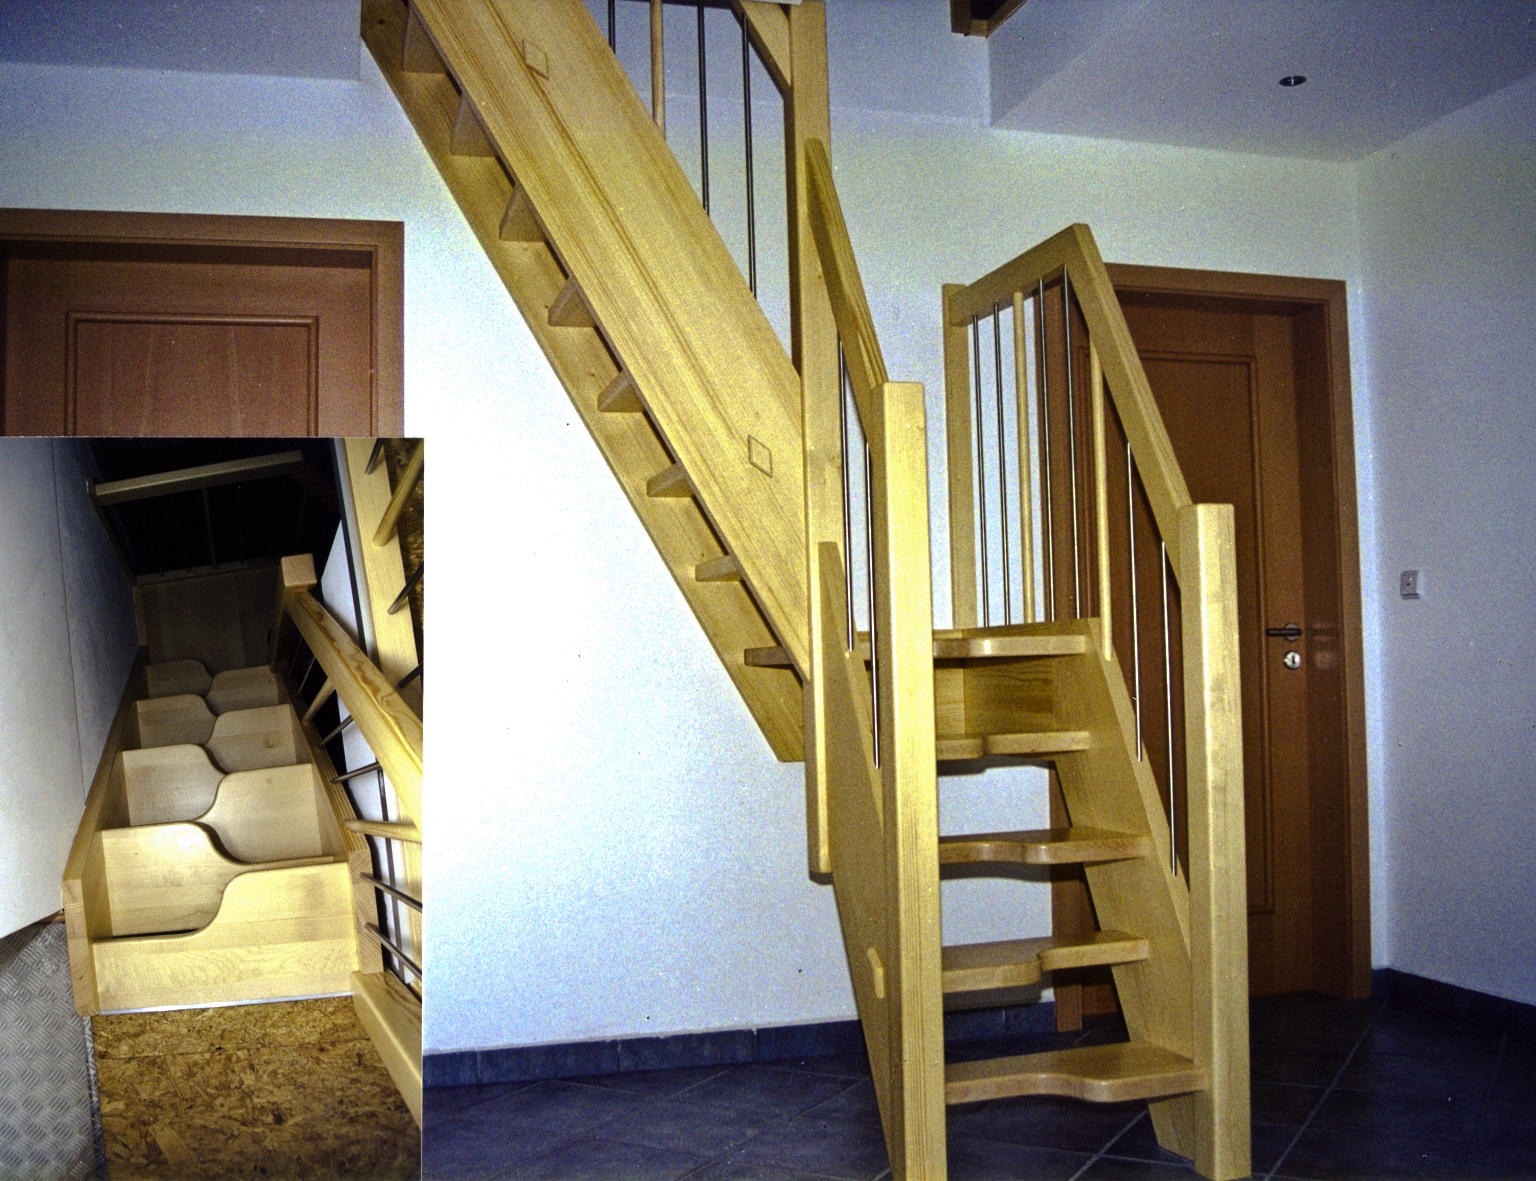 Raumspar-treppen - Mit platzsparenden Treppen lassen sich Treppen auf kleinster Fläche realisieren.Sie kommen überall dort zum Einsatz, wo aus Platzgründen keine konventionelle Treppe verbaut werden kann. Es besteht zum Beispiel die Möglichkeit, eine Zugtreppe zum Dachboden durch eine Schmetterlingstreppe zu ersetzen, ohne dass das Deckenloch vergrößert werden muss.